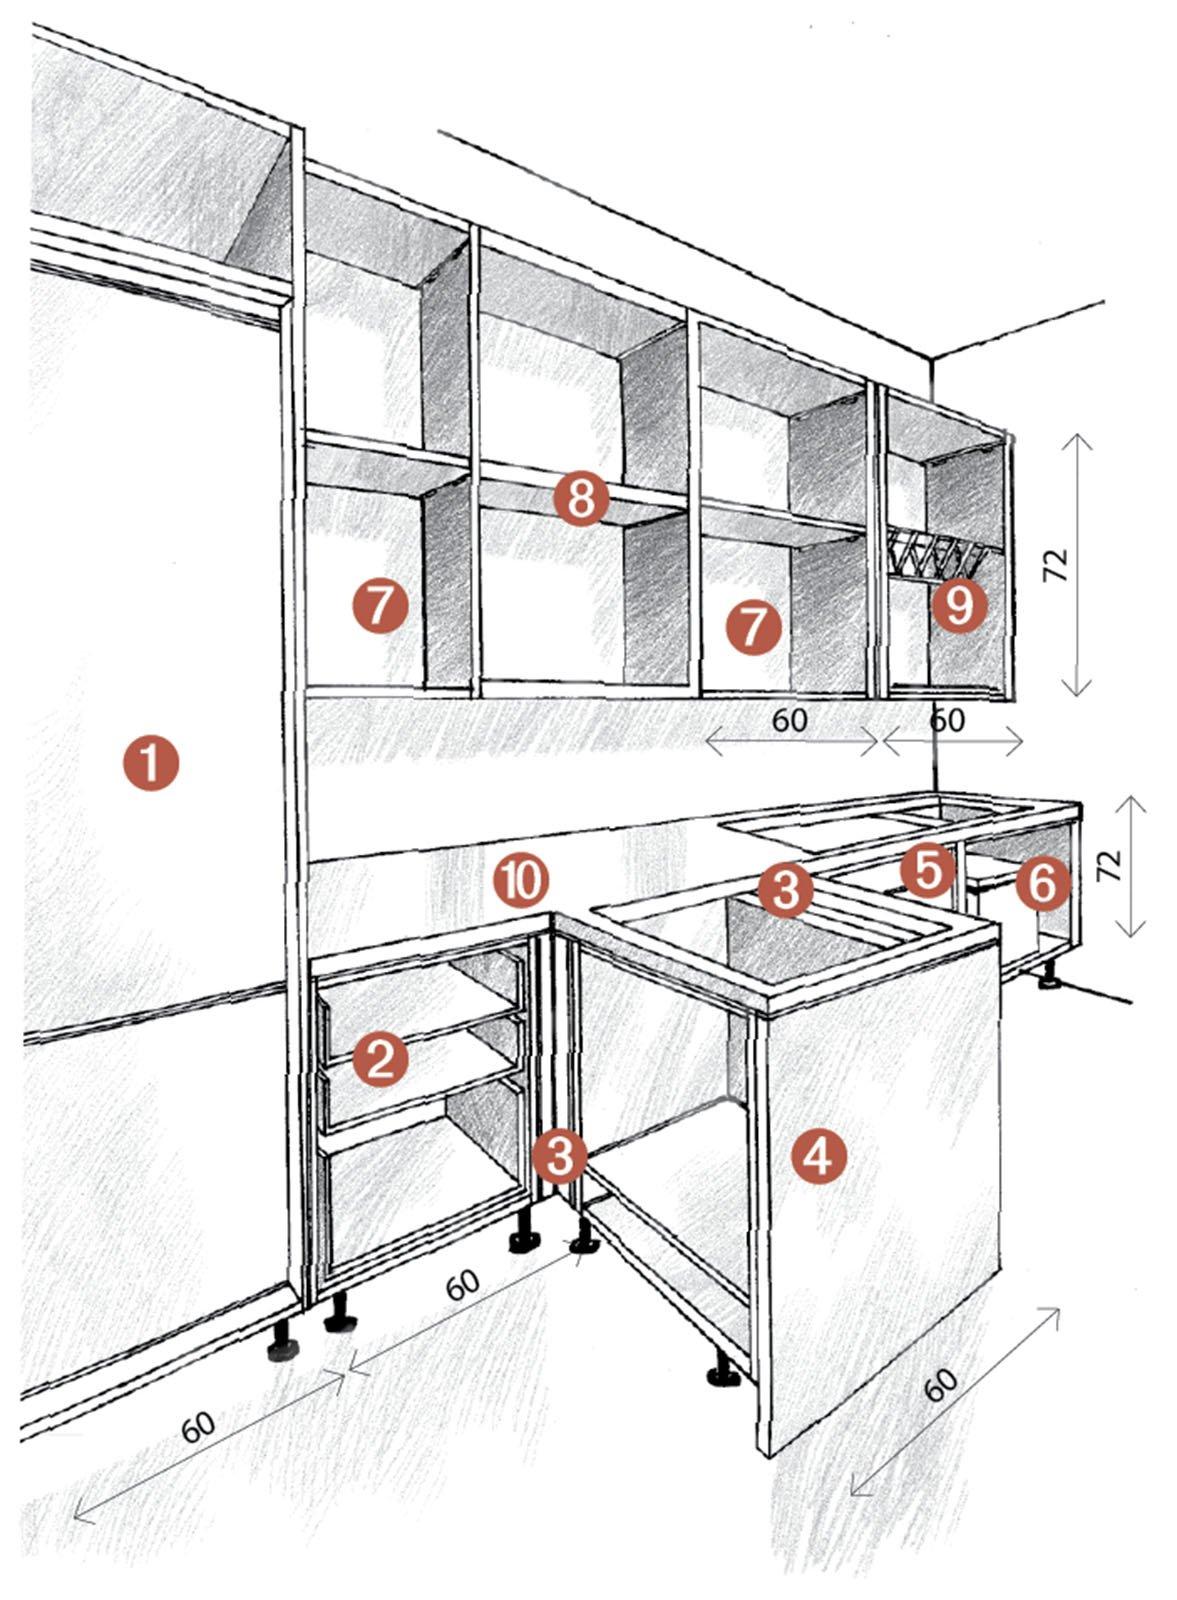 Misure Mobili Cucina. Misure Cucina Mobili Per Cucina La With Misure ...